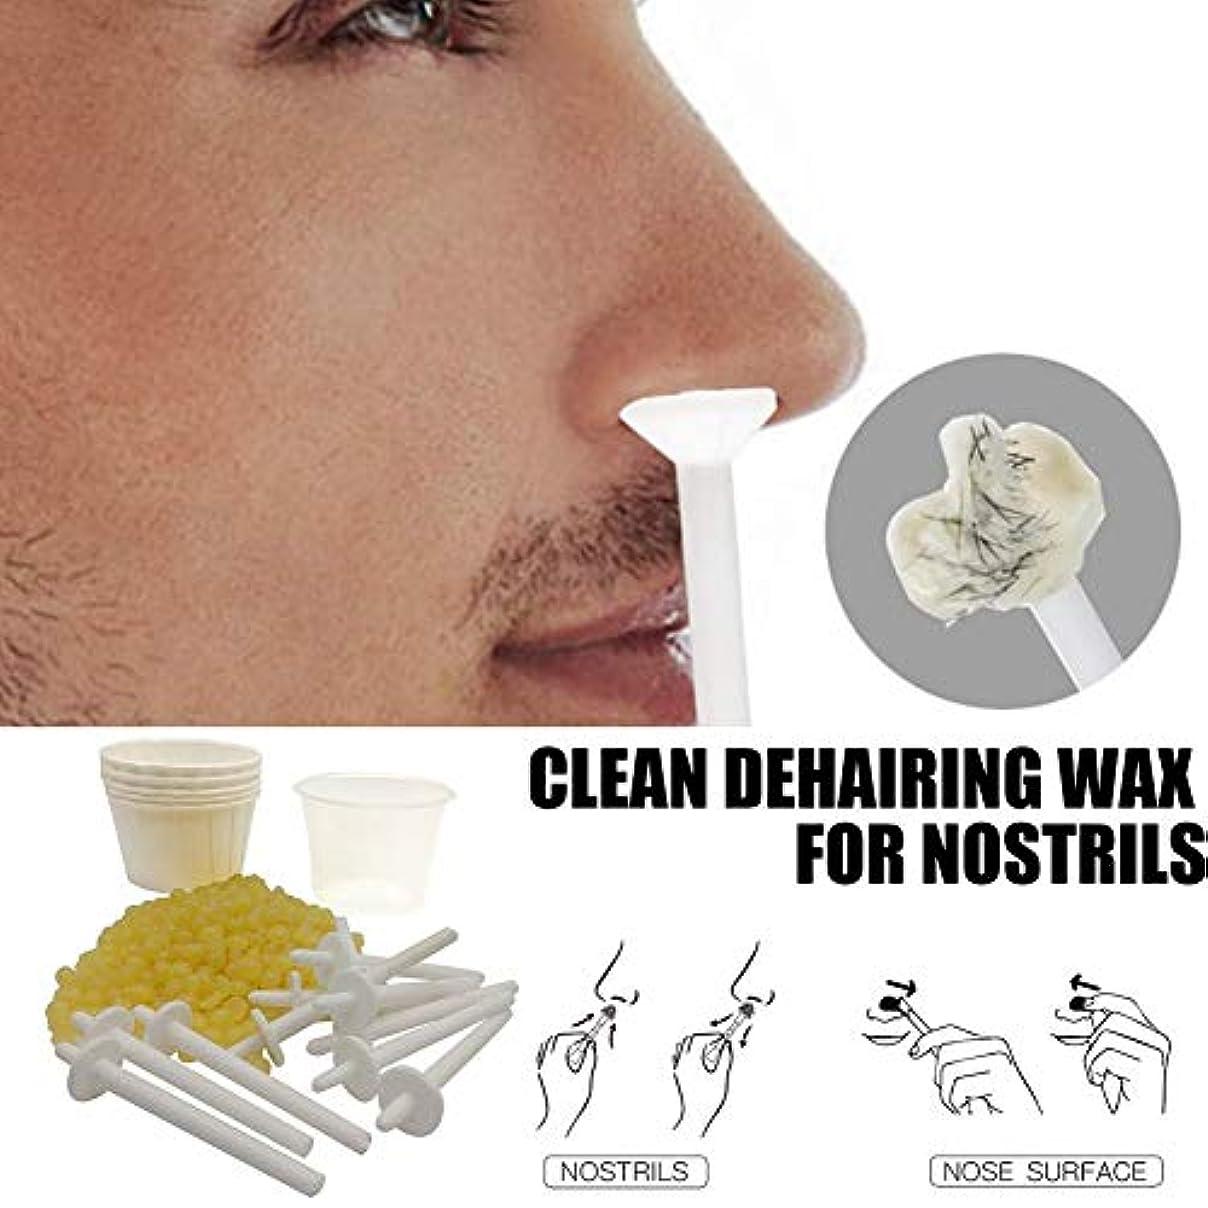 新しい意味はず呪いSILUN 鼻毛除去ワックスキット 鼻毛除去化粧道具 ノーズワックスポッド ポータブル道具 迅速かつ無痛 (50グラム/ 10回使用回数)